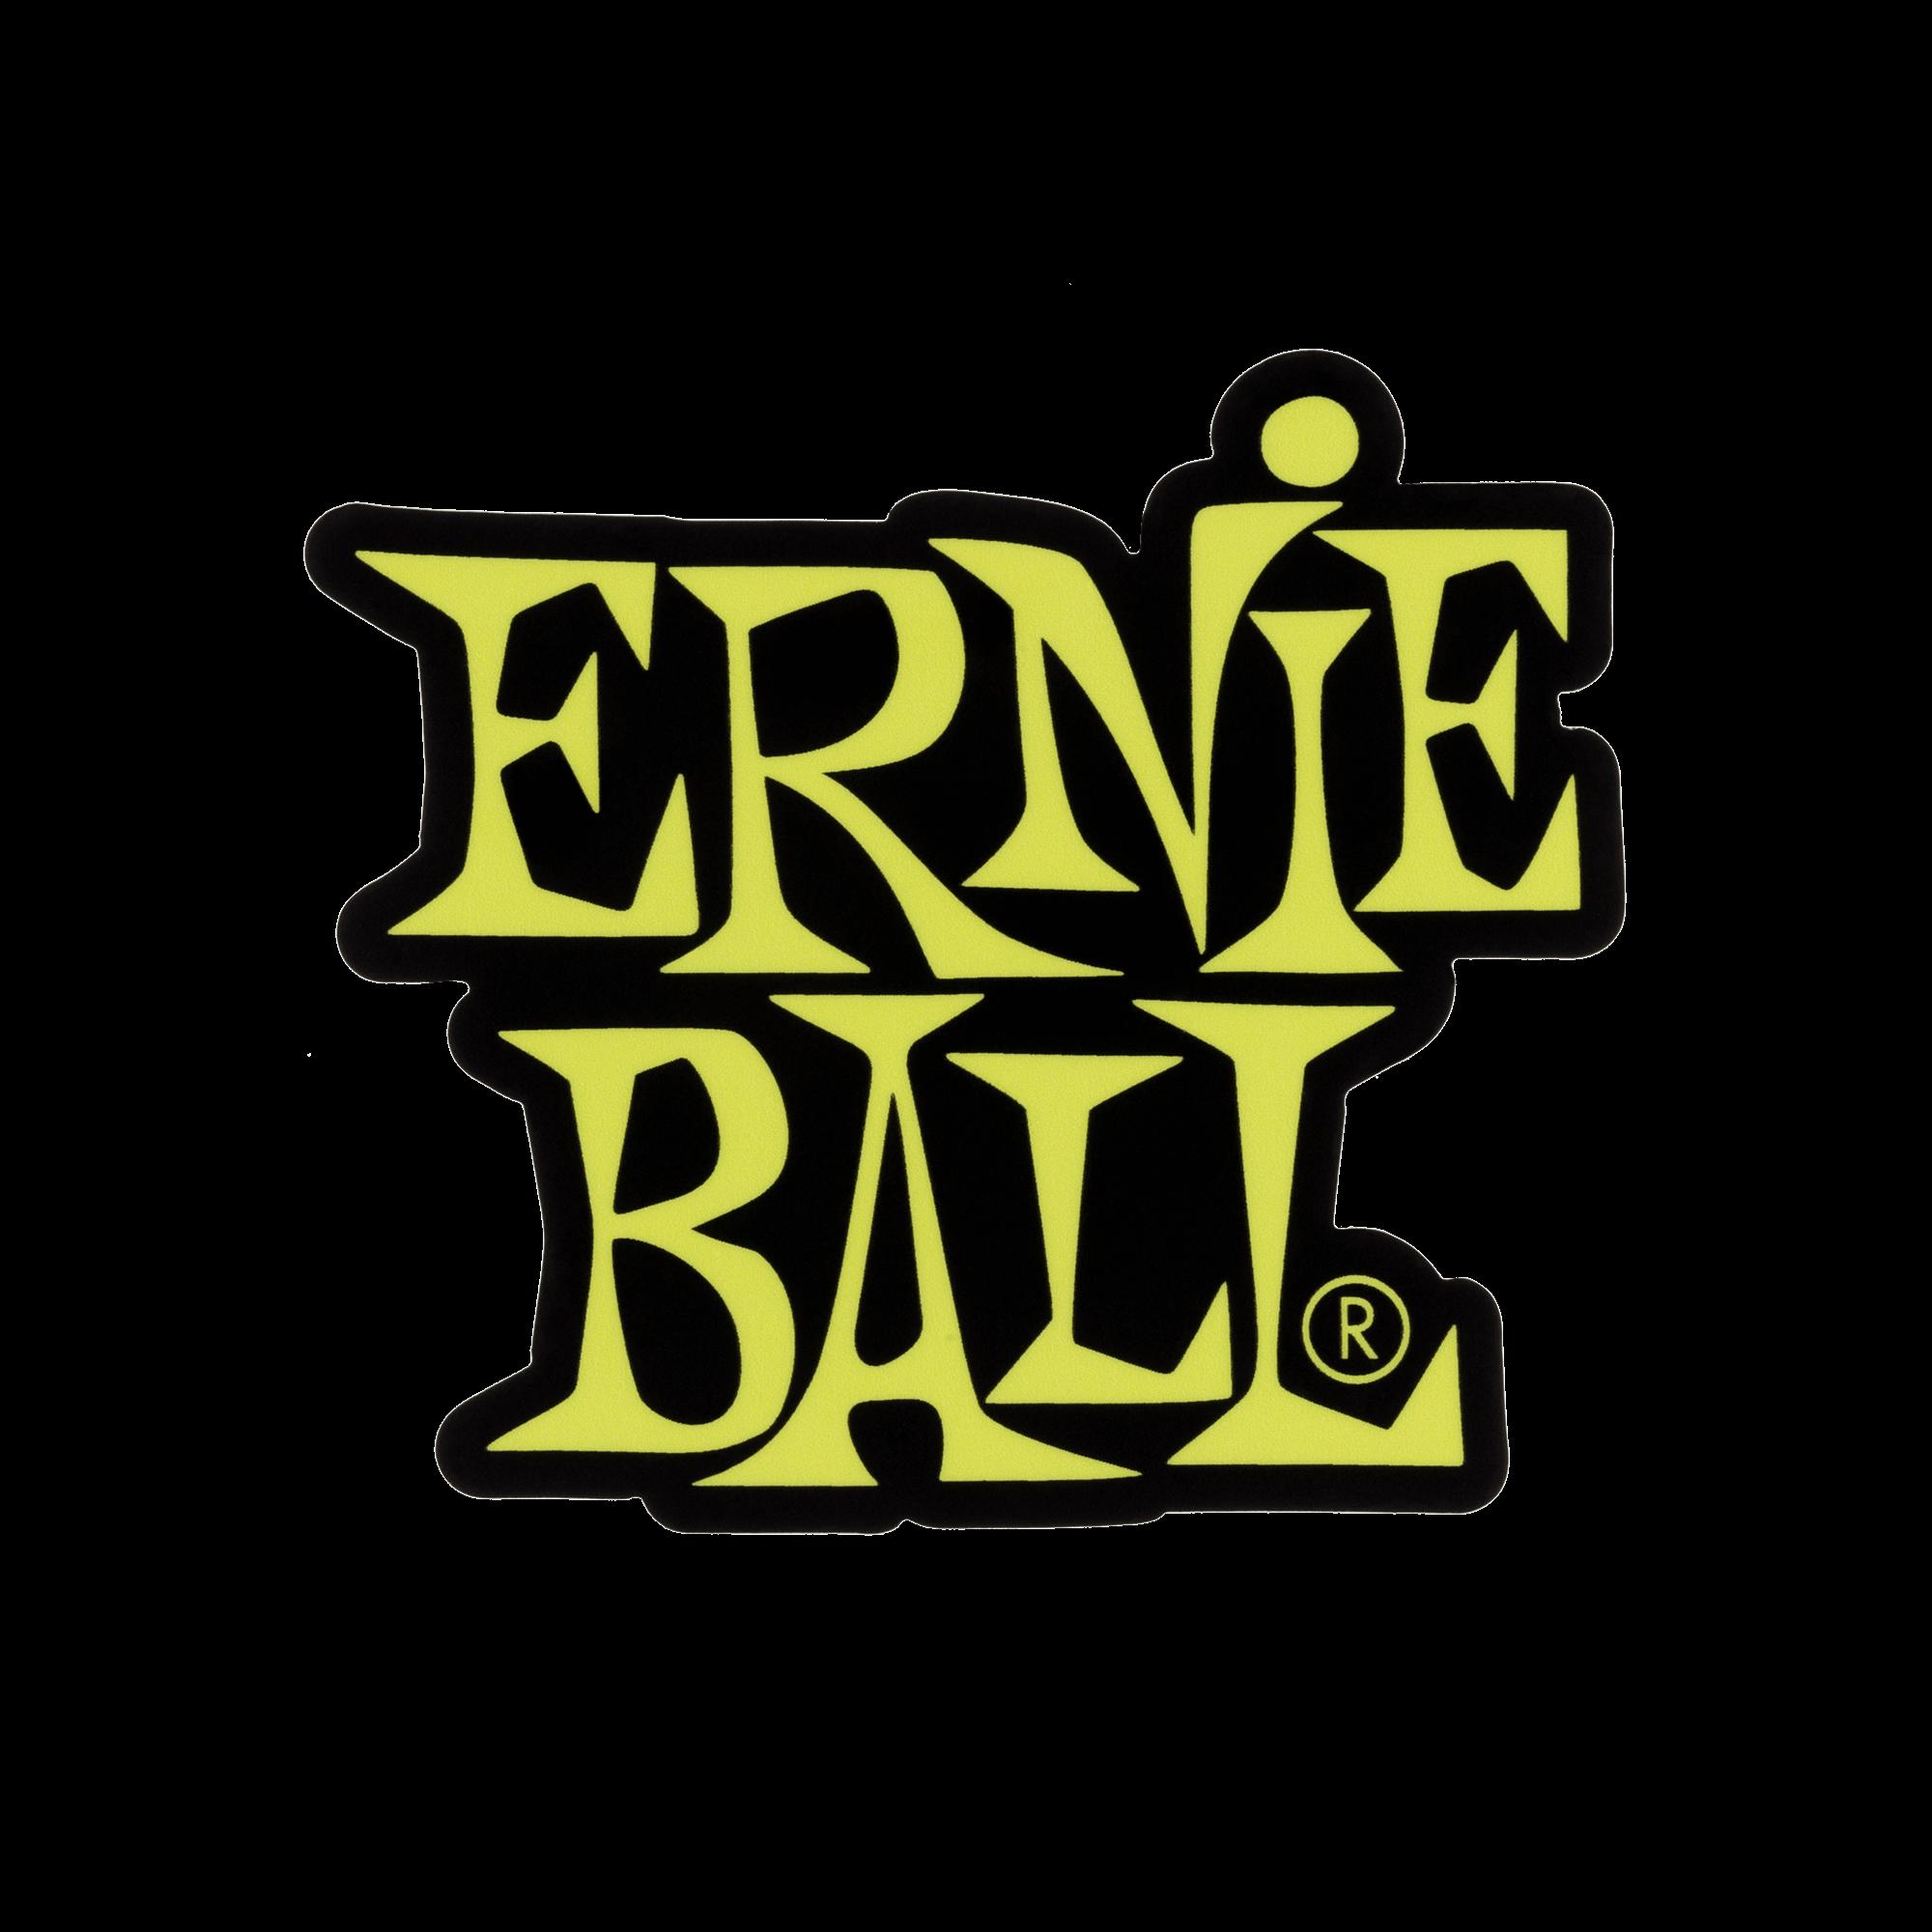 Ernie ball clipart clip Stickers | Ernie Ball clip